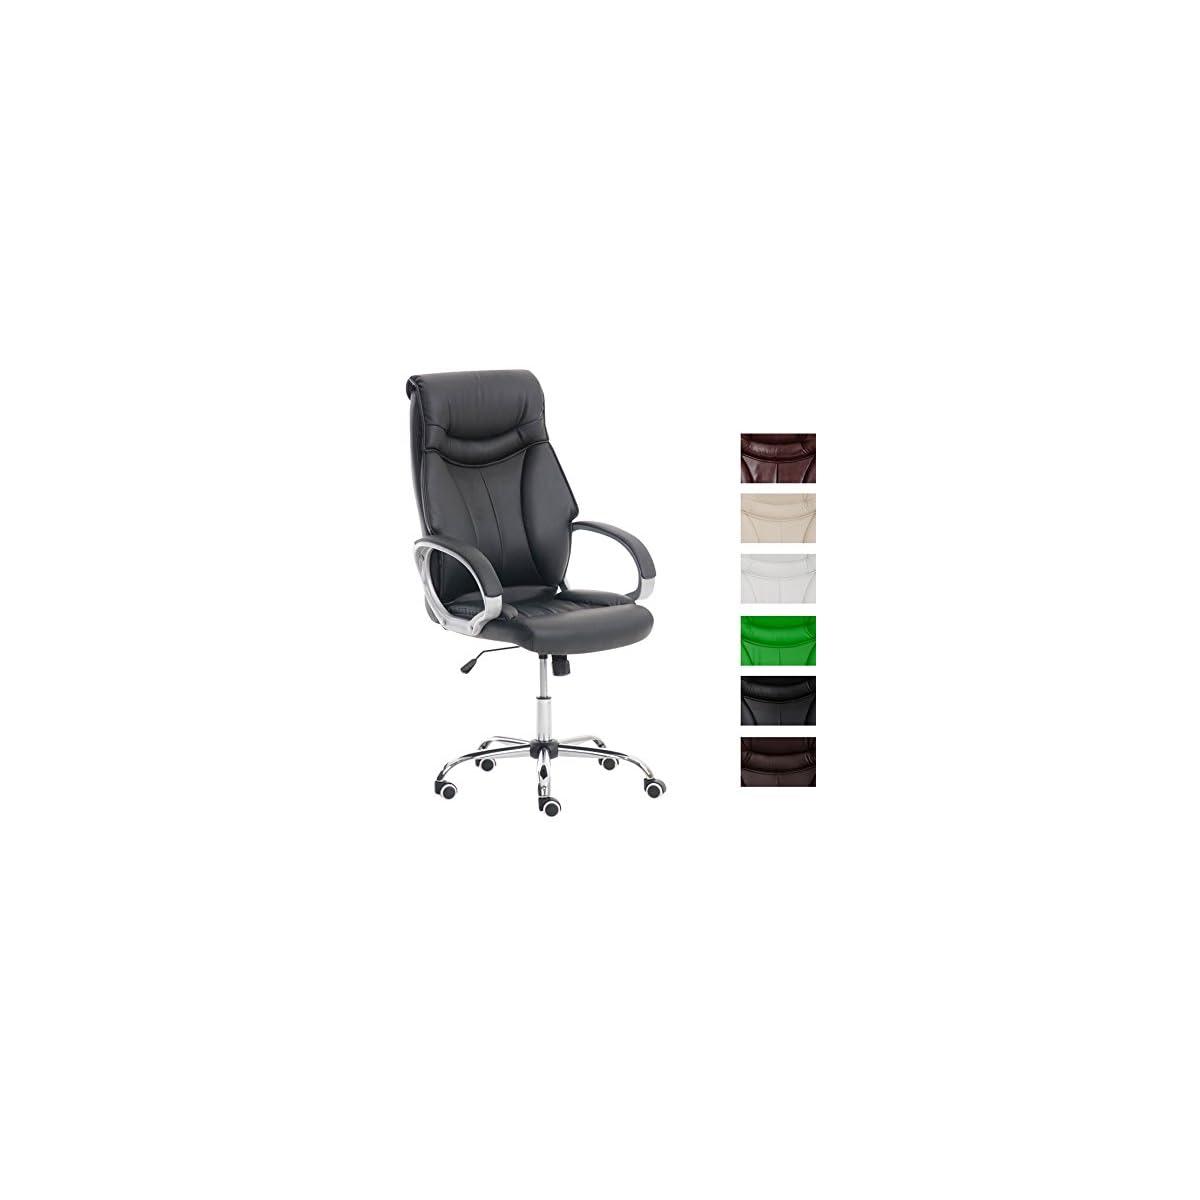 415 e6mlktL. SS1200  - CLP Silla de Oficina Torro en Cuero Sintético I Silla de Ordenador Regulable en Altura | Silla de Esctritorio con Ruedas | Color: